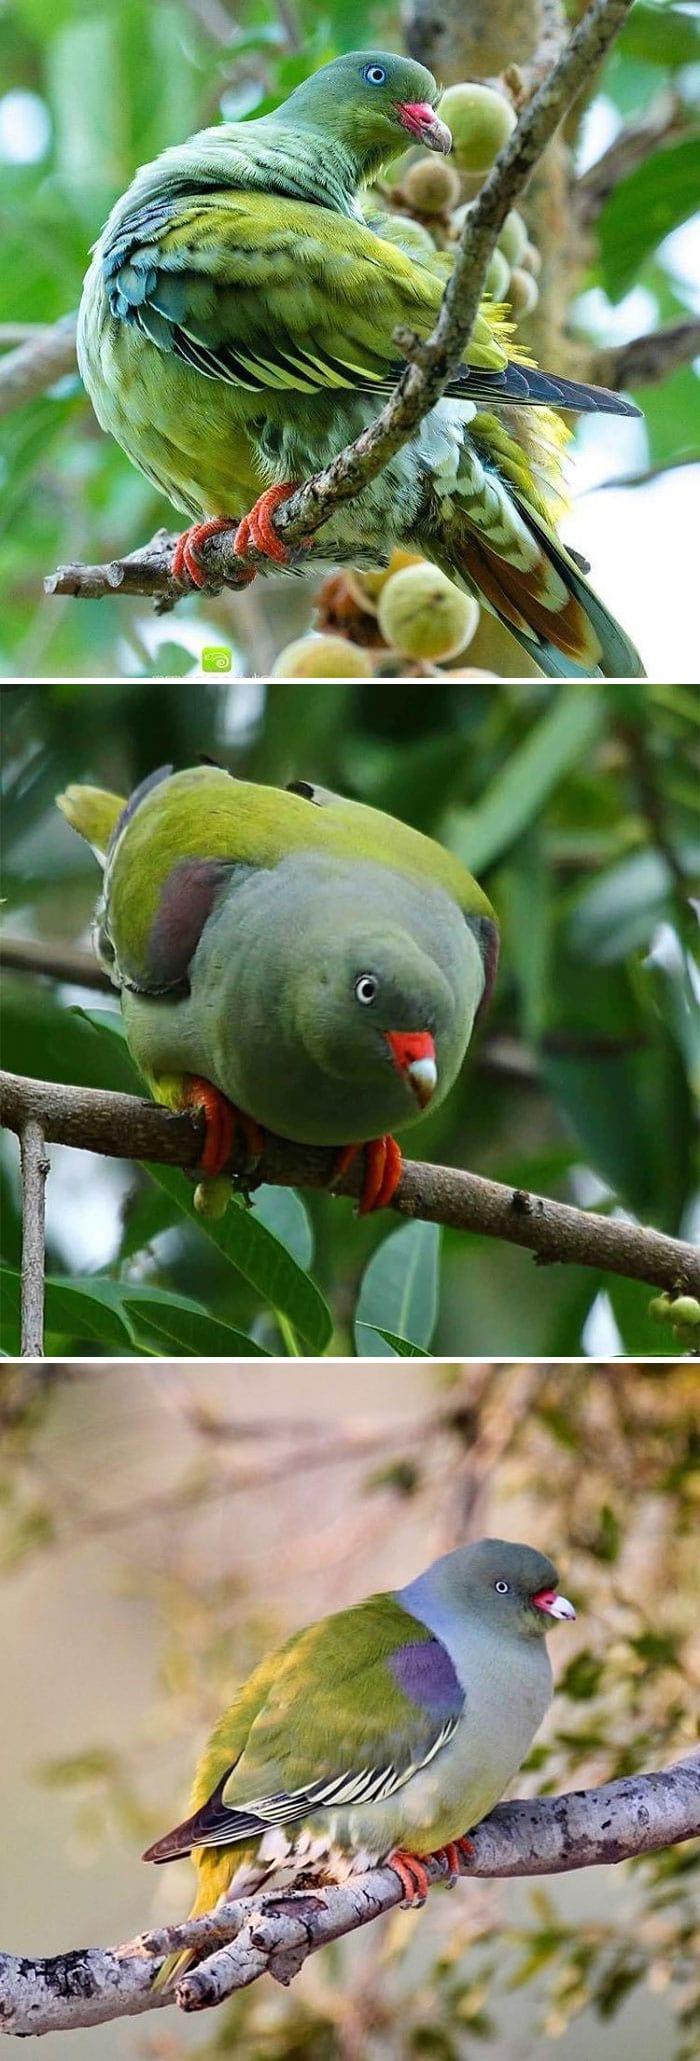 Лесные звери и птицы фото 1591798350_f0b803ee726f368b32659e586319c5c4